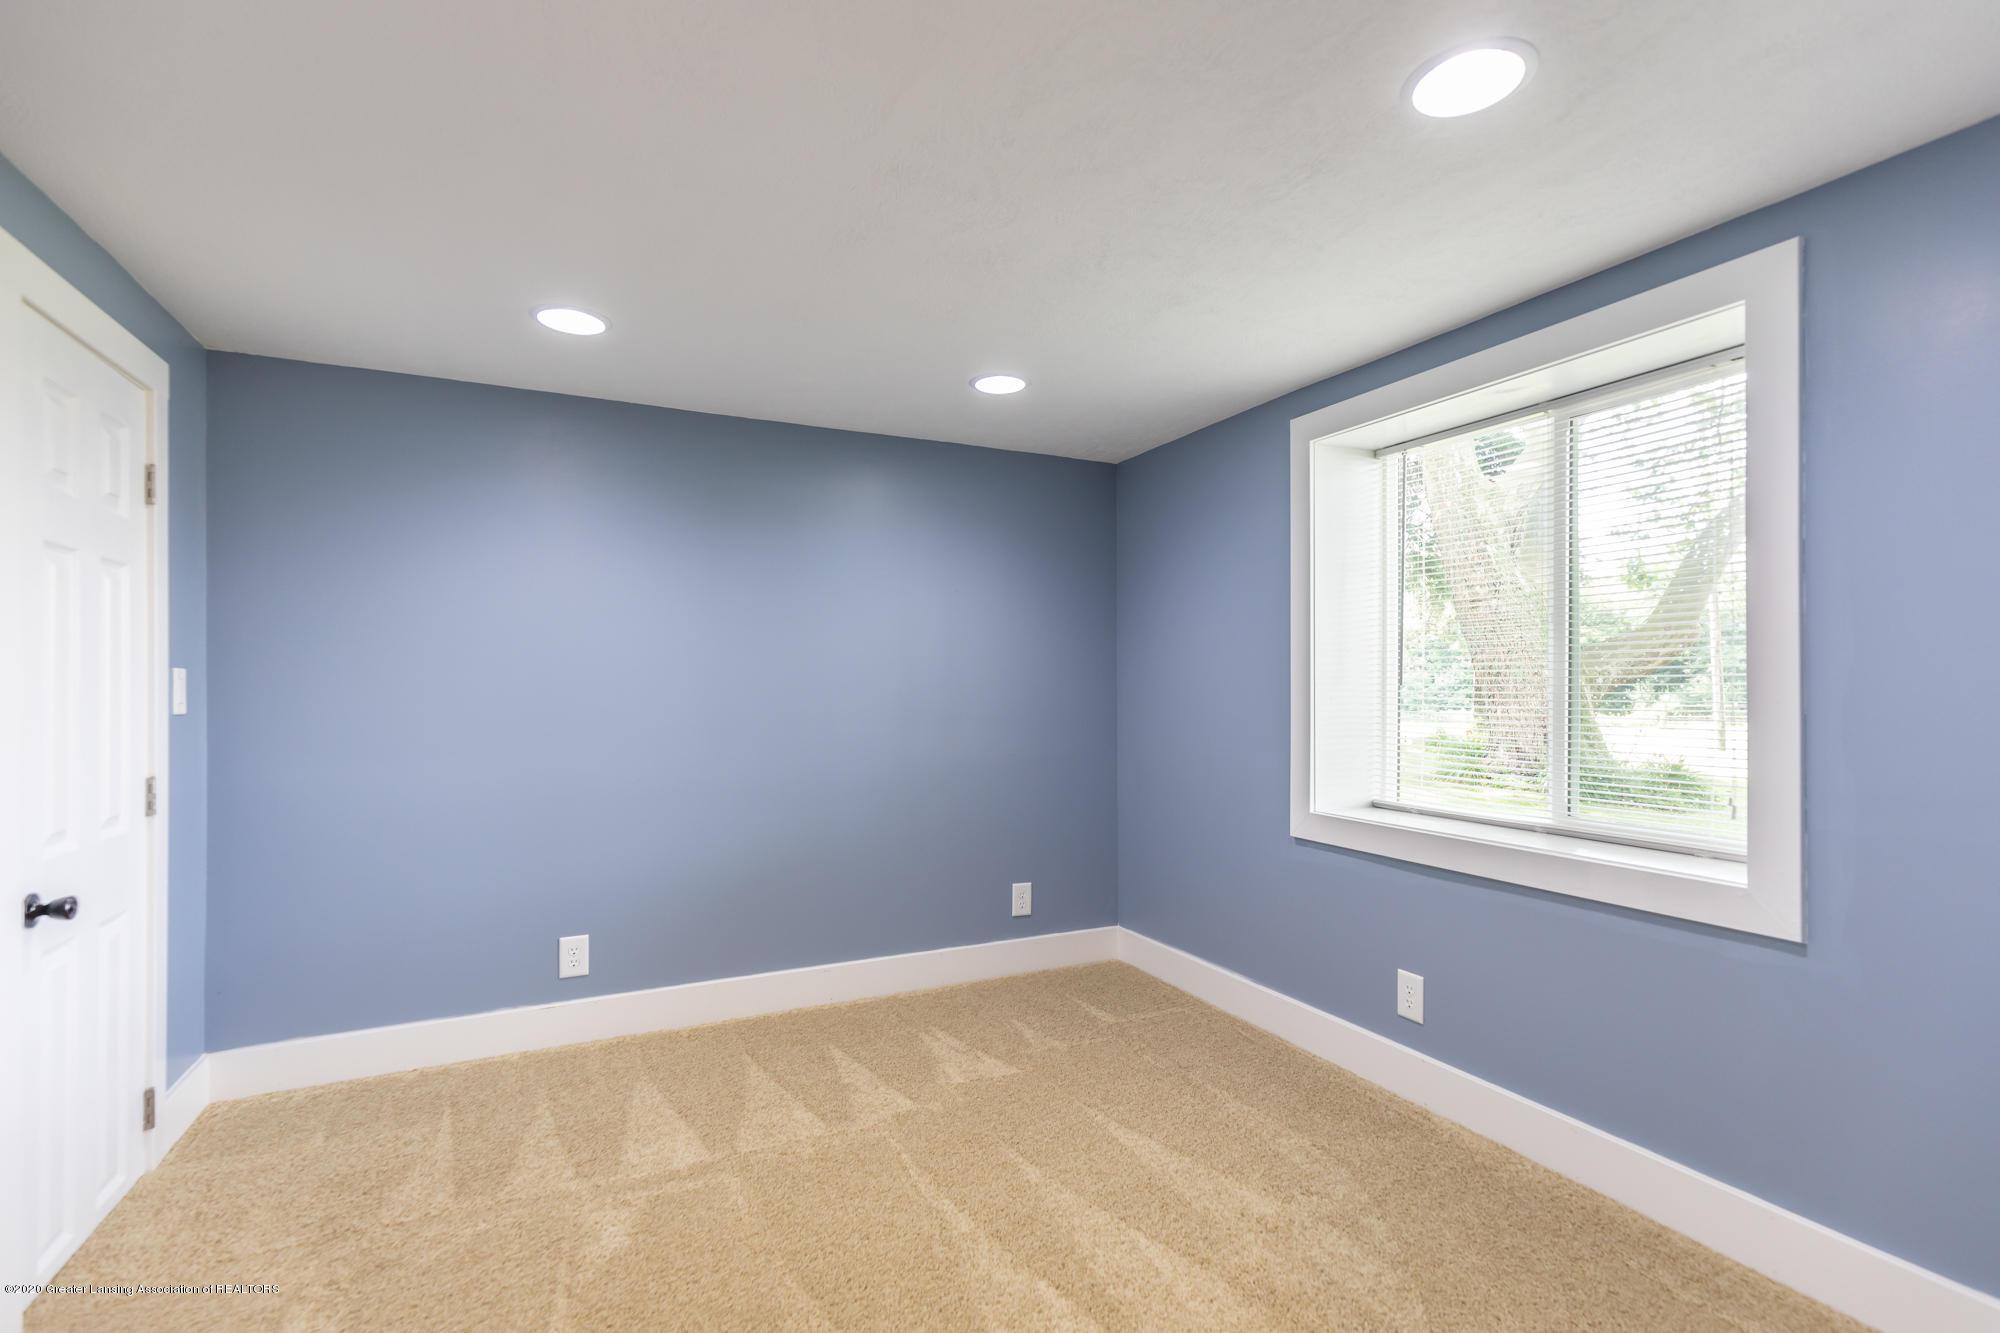 205 W Herbison Rd - Bedroom #4 - 24